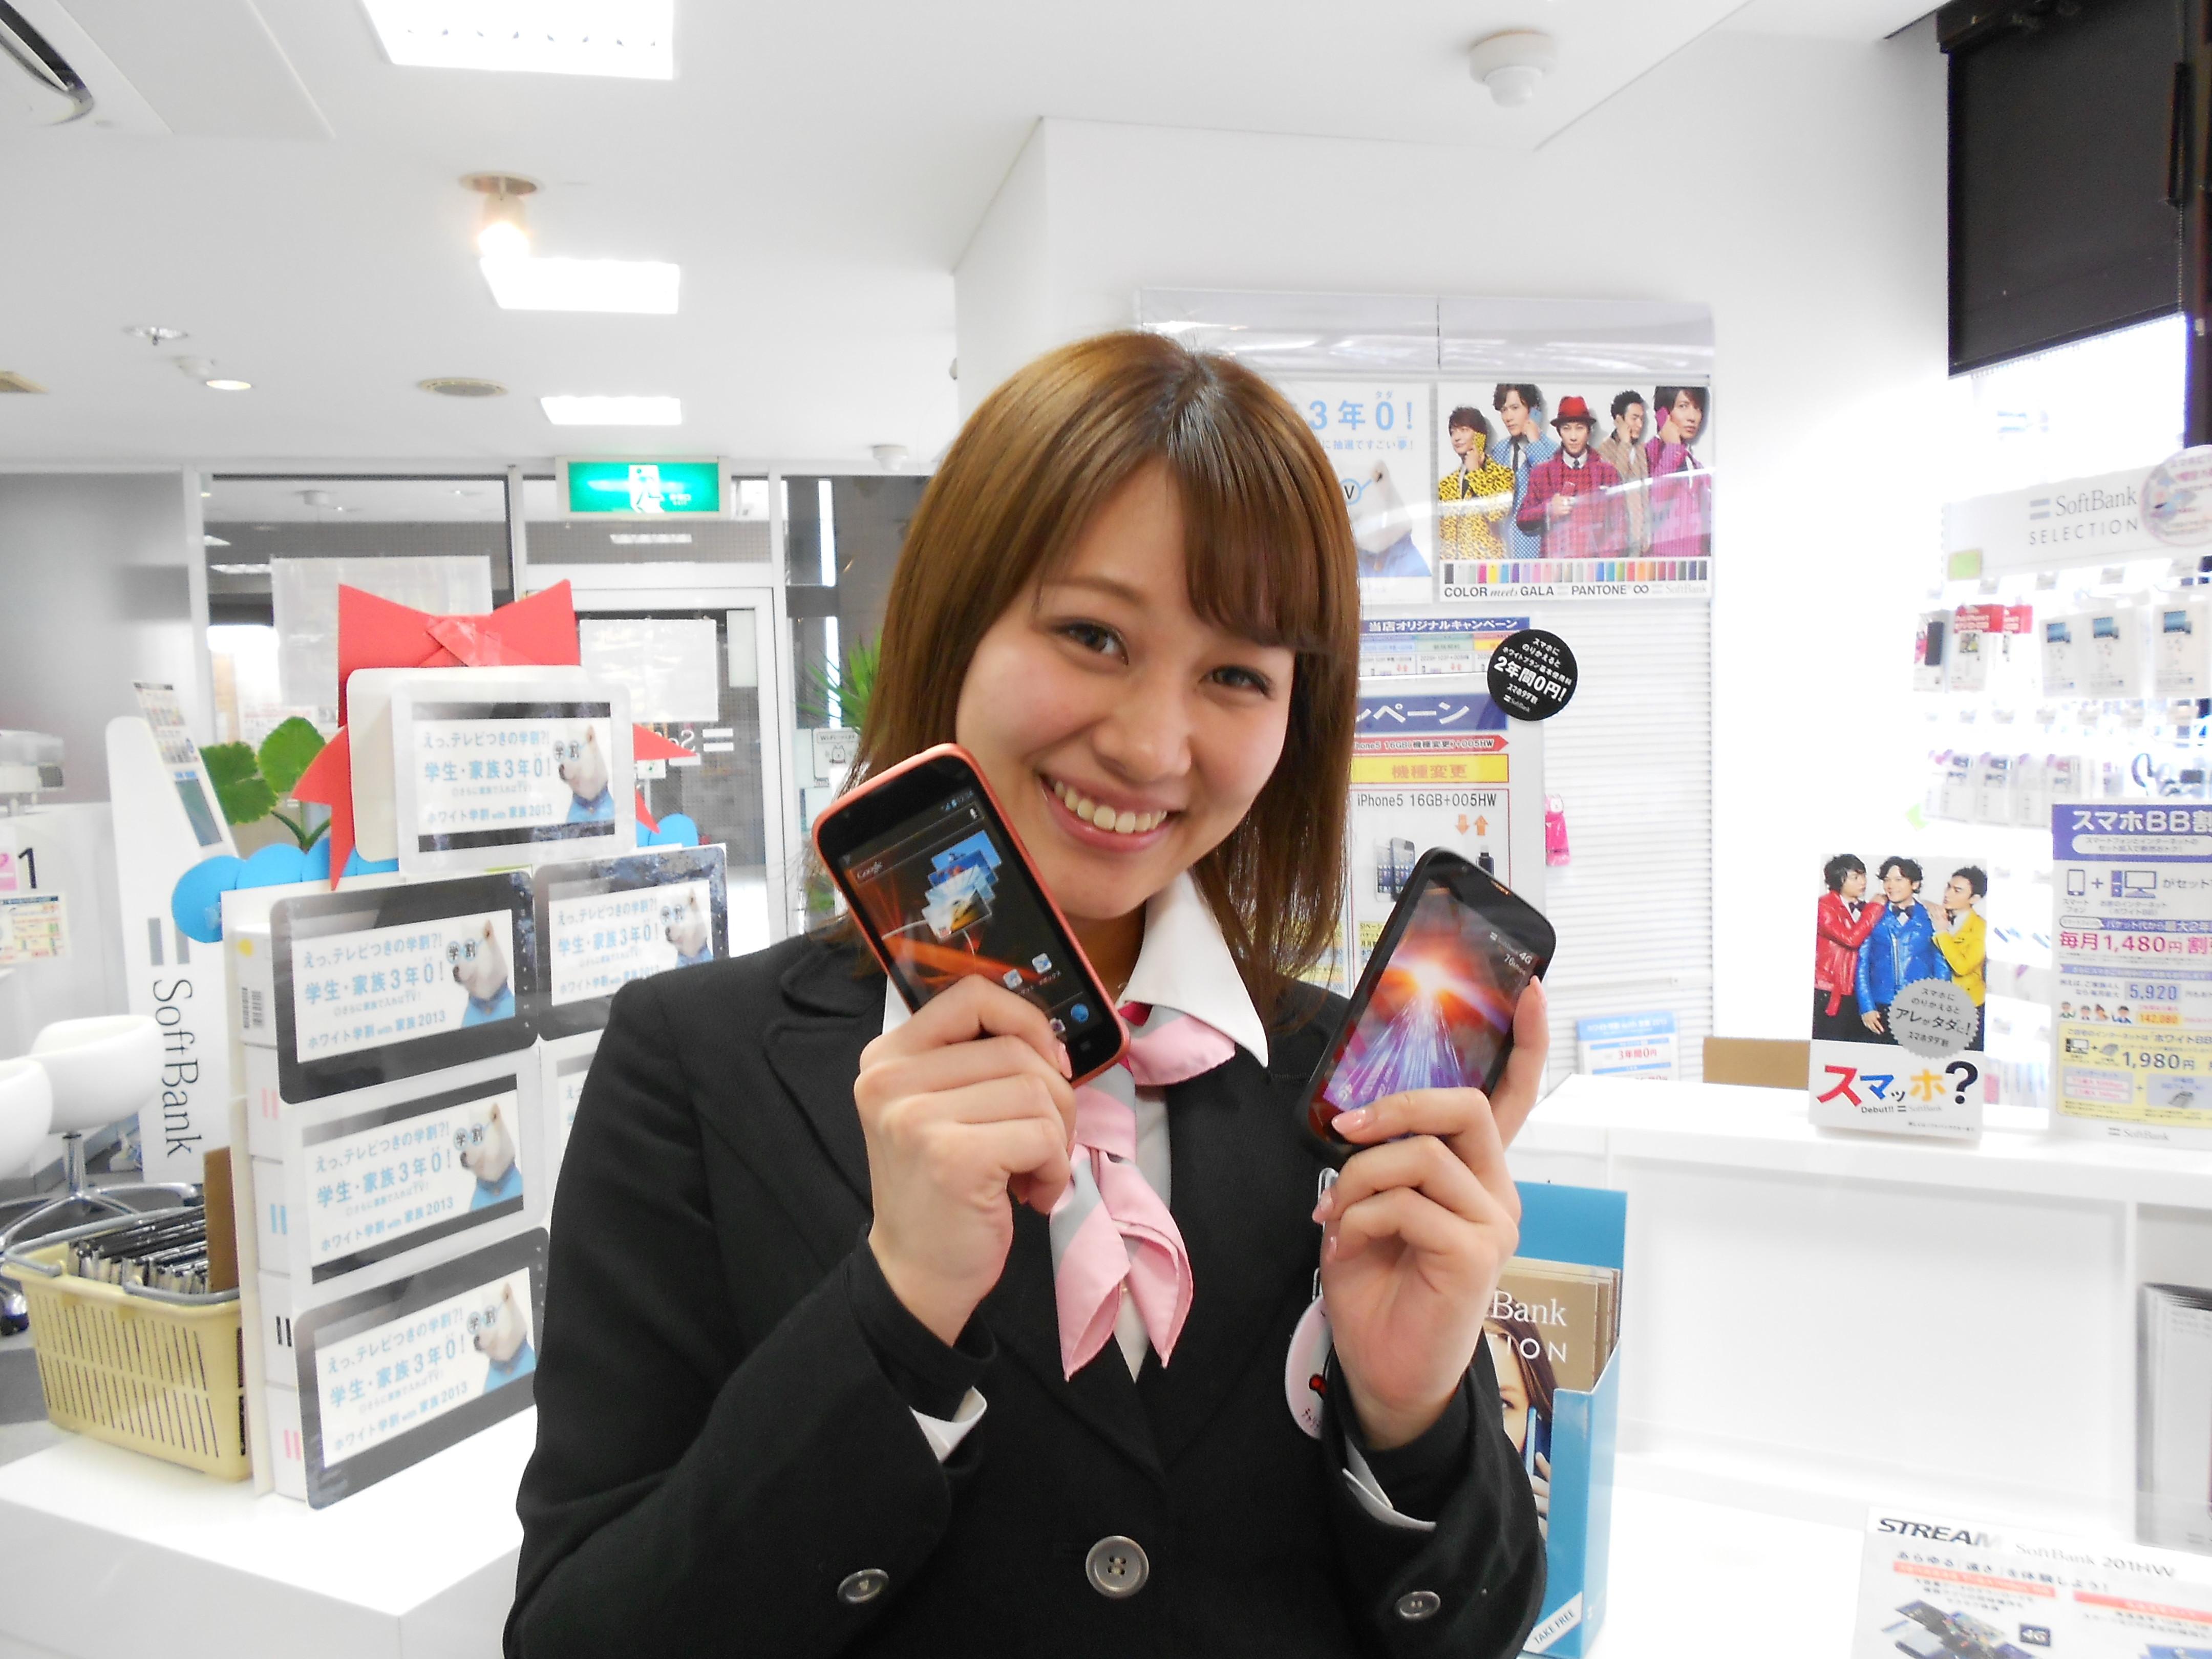 ワイモバイル イオンモール名古屋みなと(株式会社シエロ)のアルバイト情報